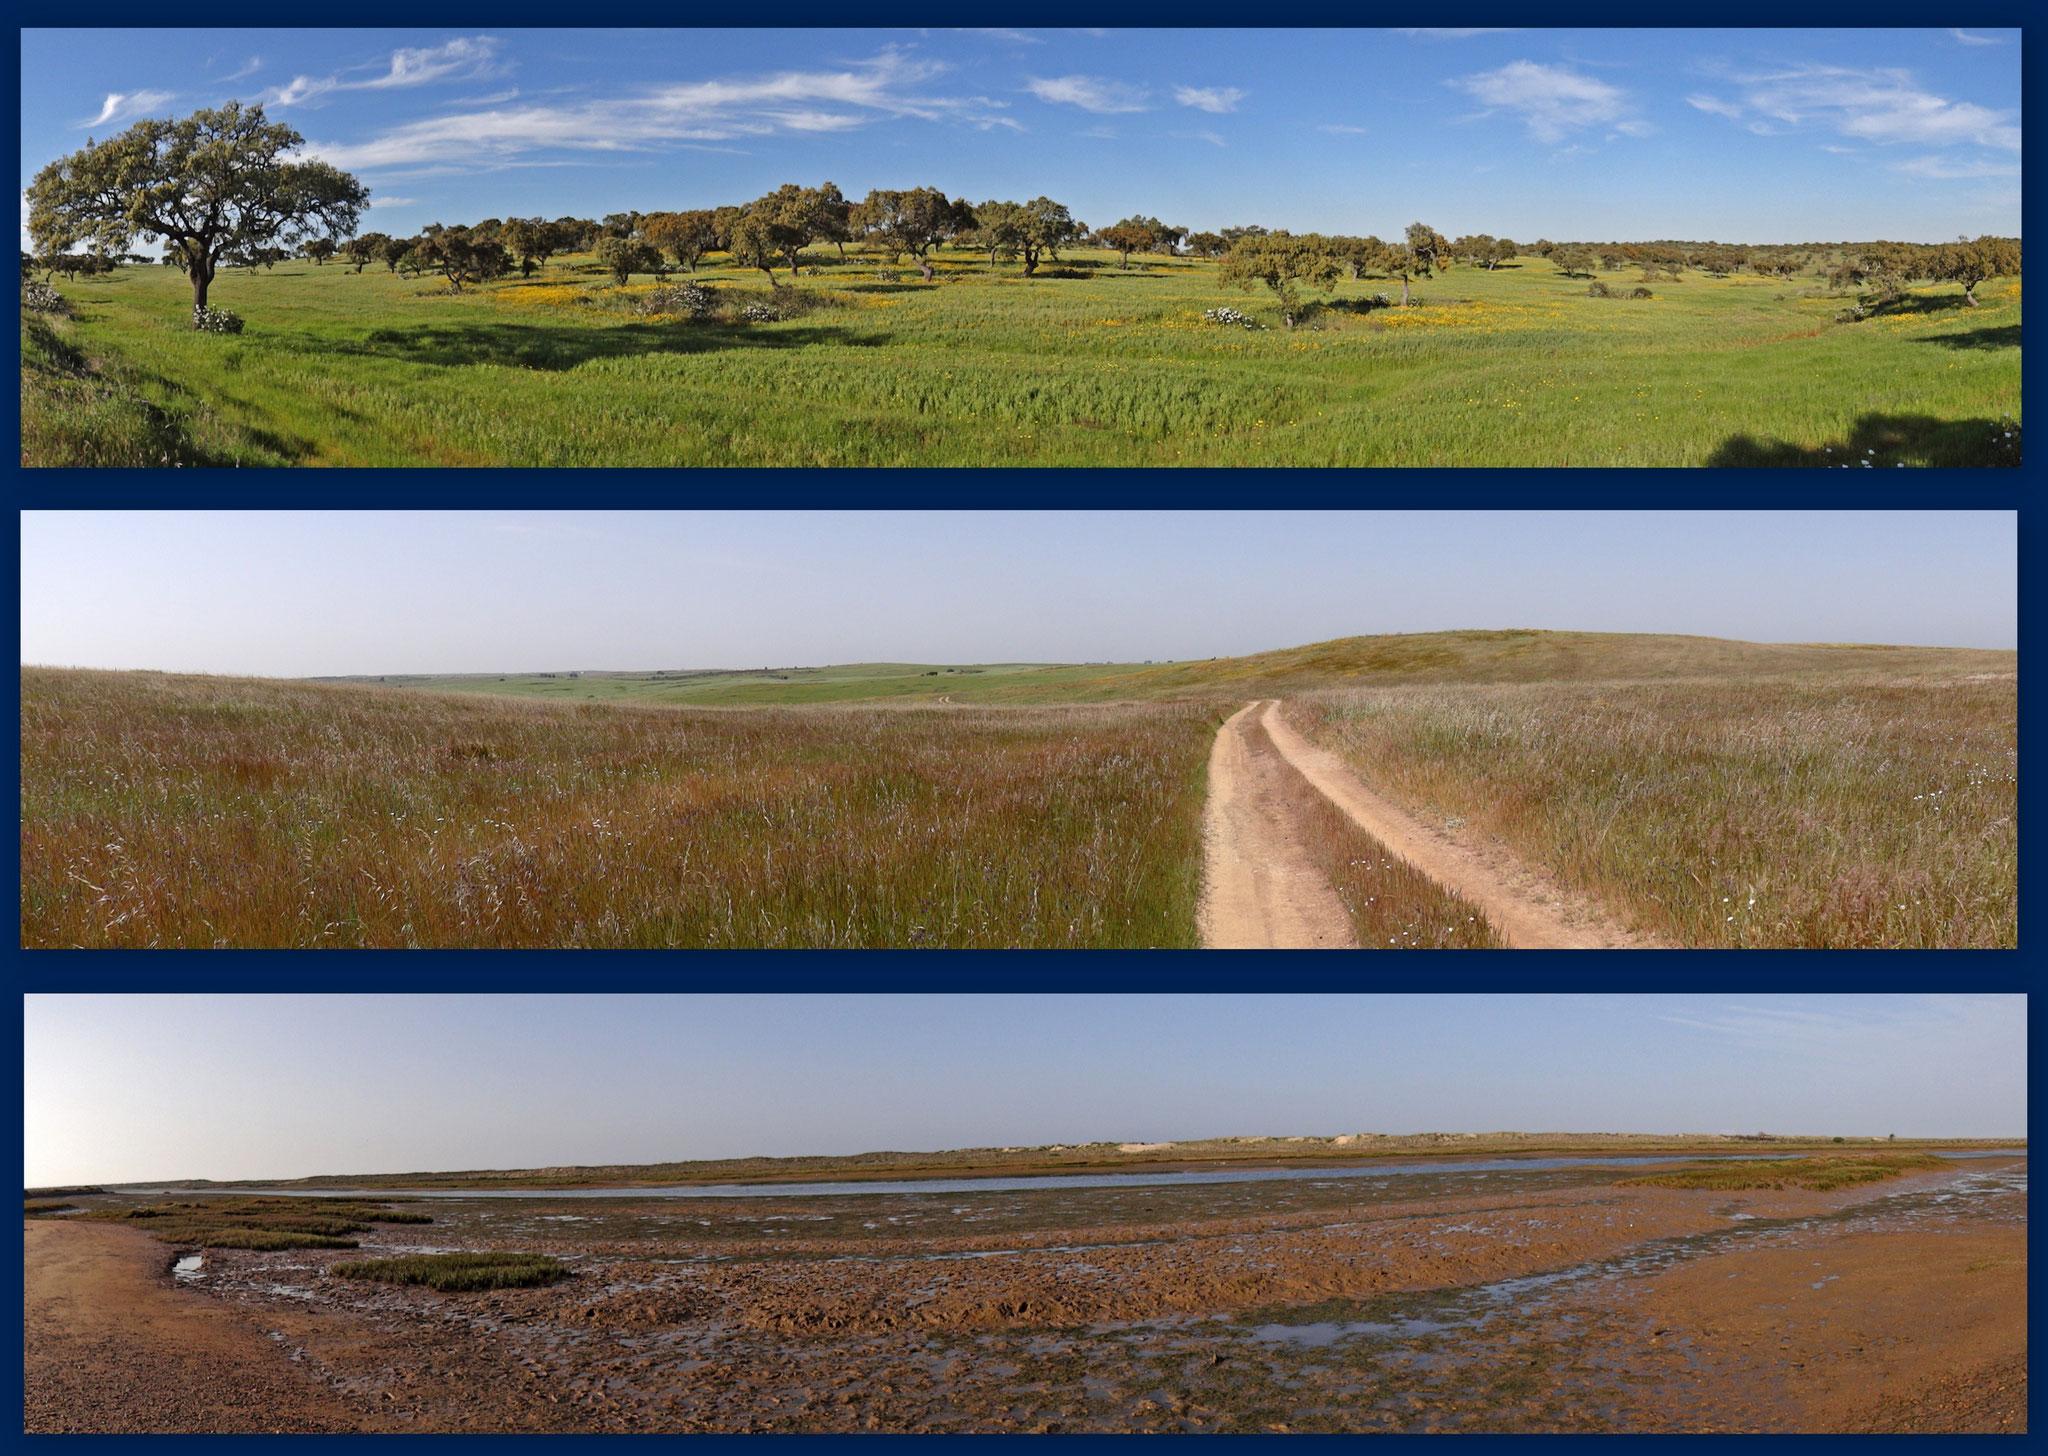 Landschaftliche Vielfalt in Süd-Portugal: Korkeichen-Montada, Grassteppenlandschaft, Salzlagune